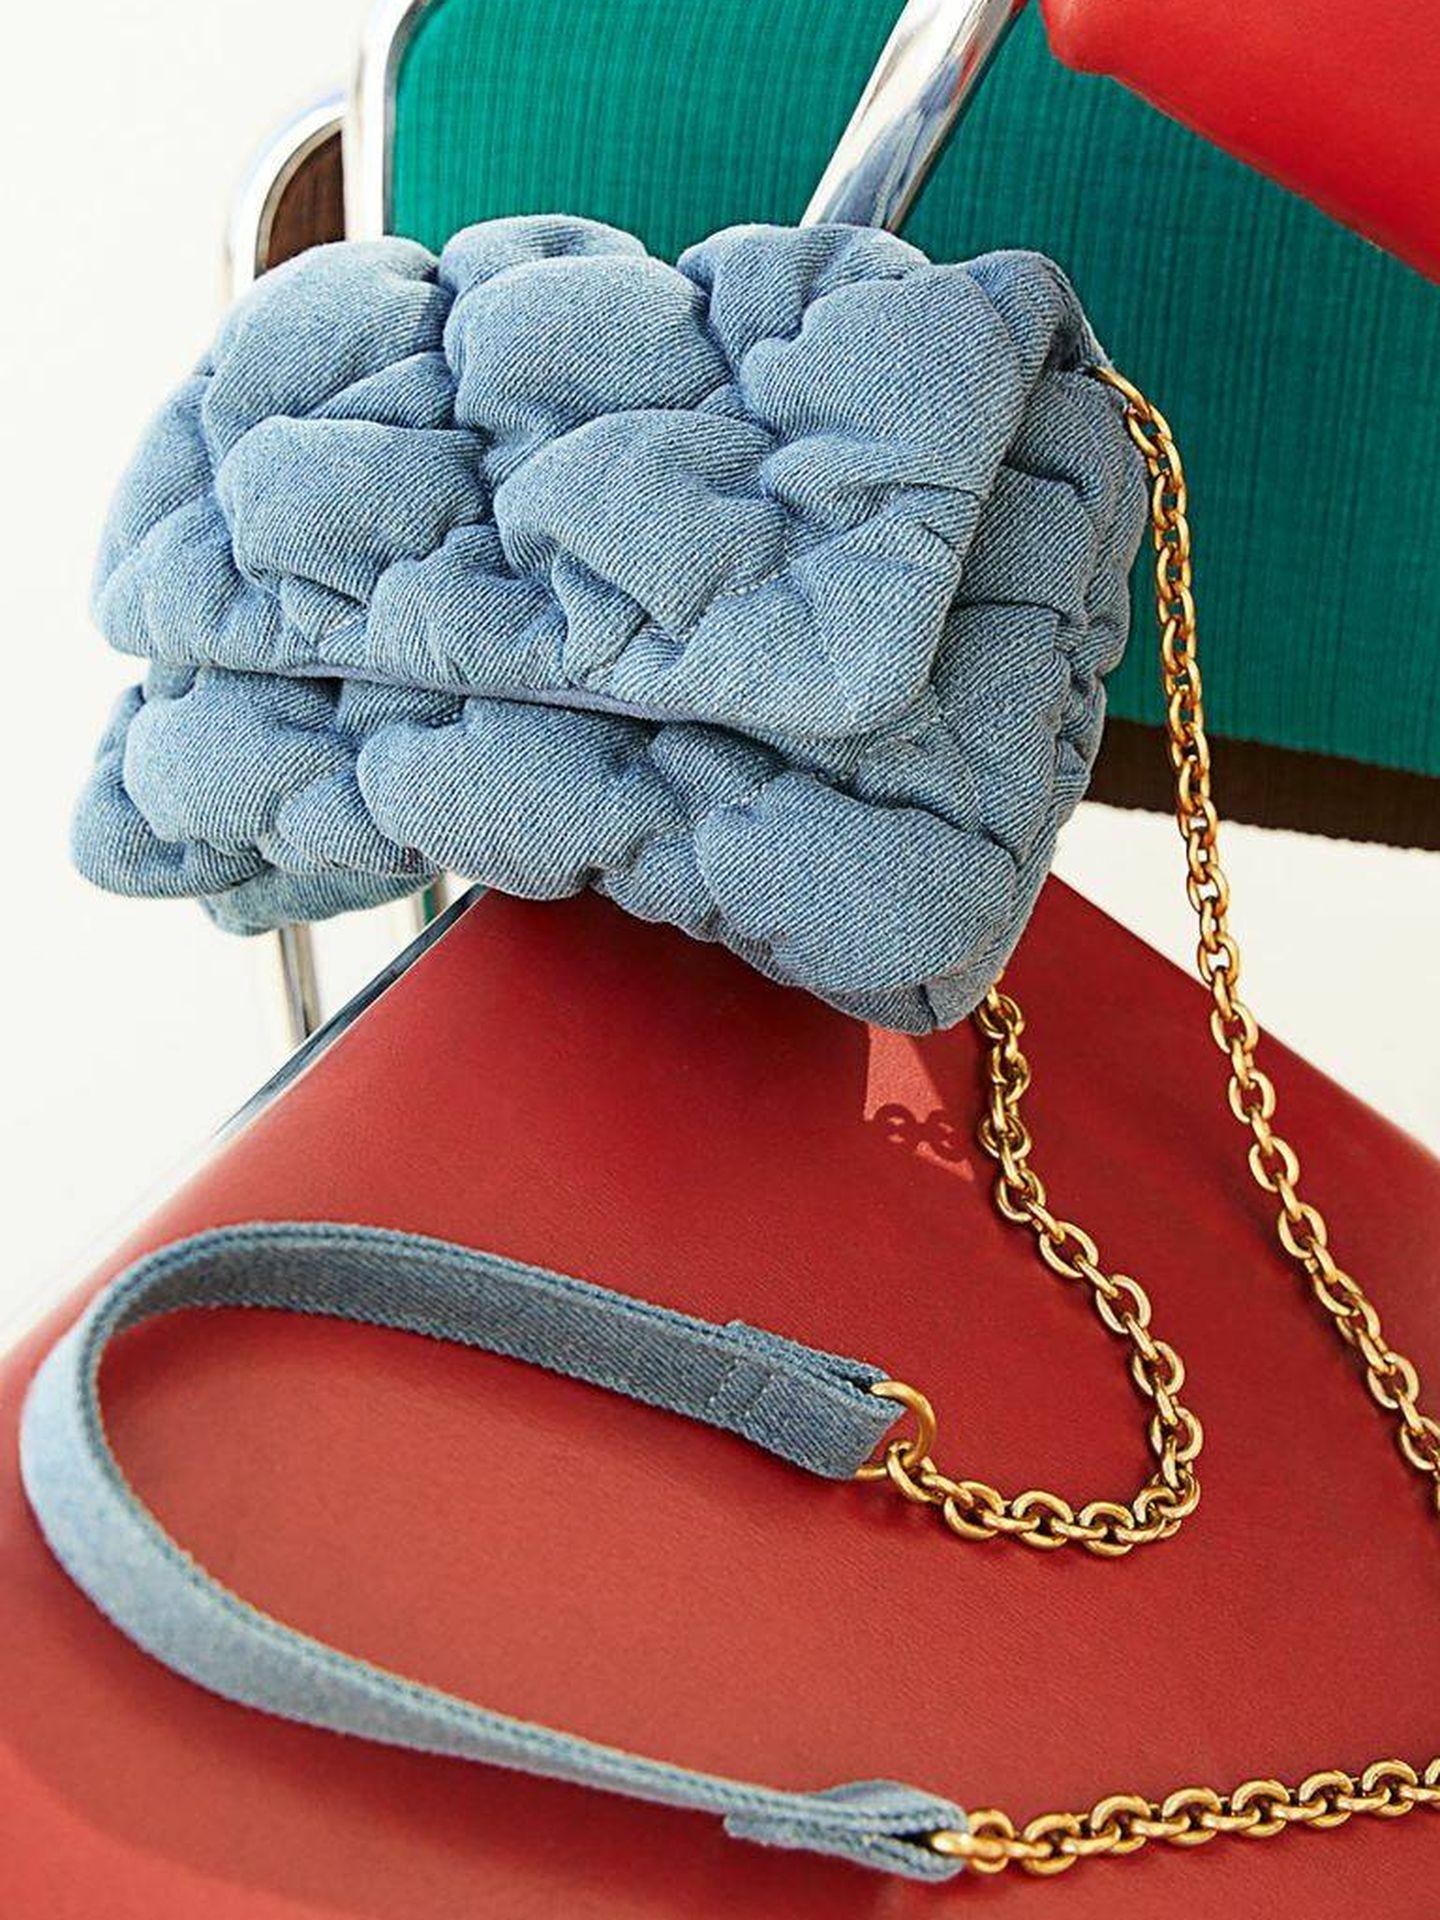 El bolso con tejido vaquero de HyM. (Cortesía)